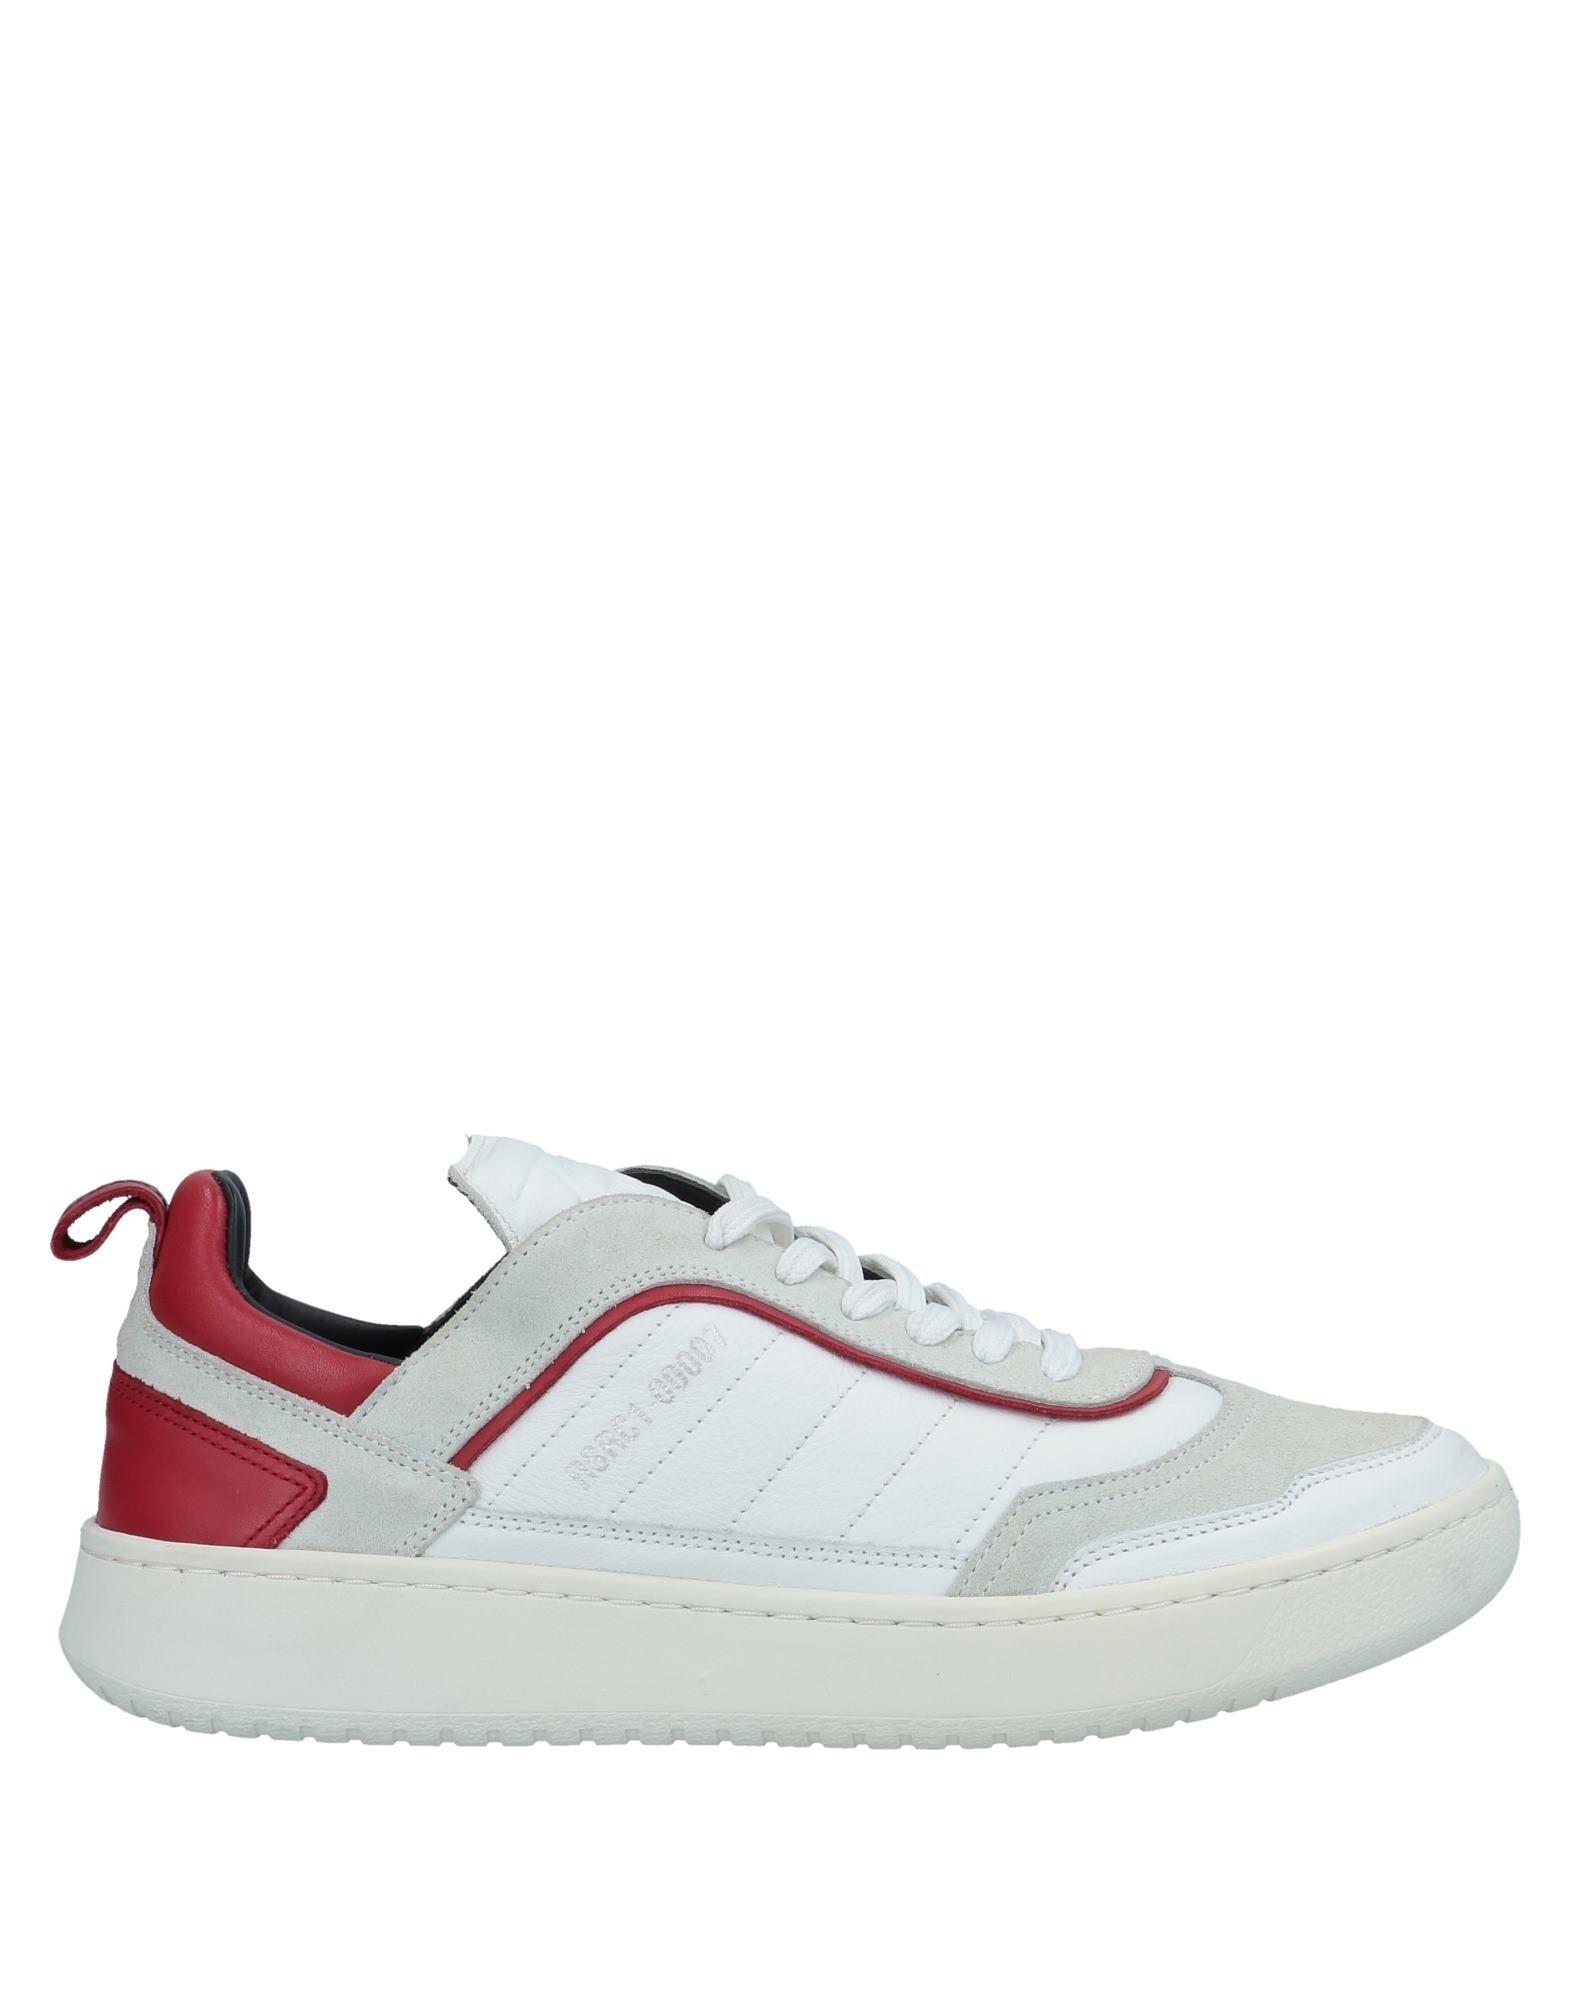 Colmar Sneakers online - Men Colmar Sneakers online Sneakers on  Canada - 11552577WO ae8f82